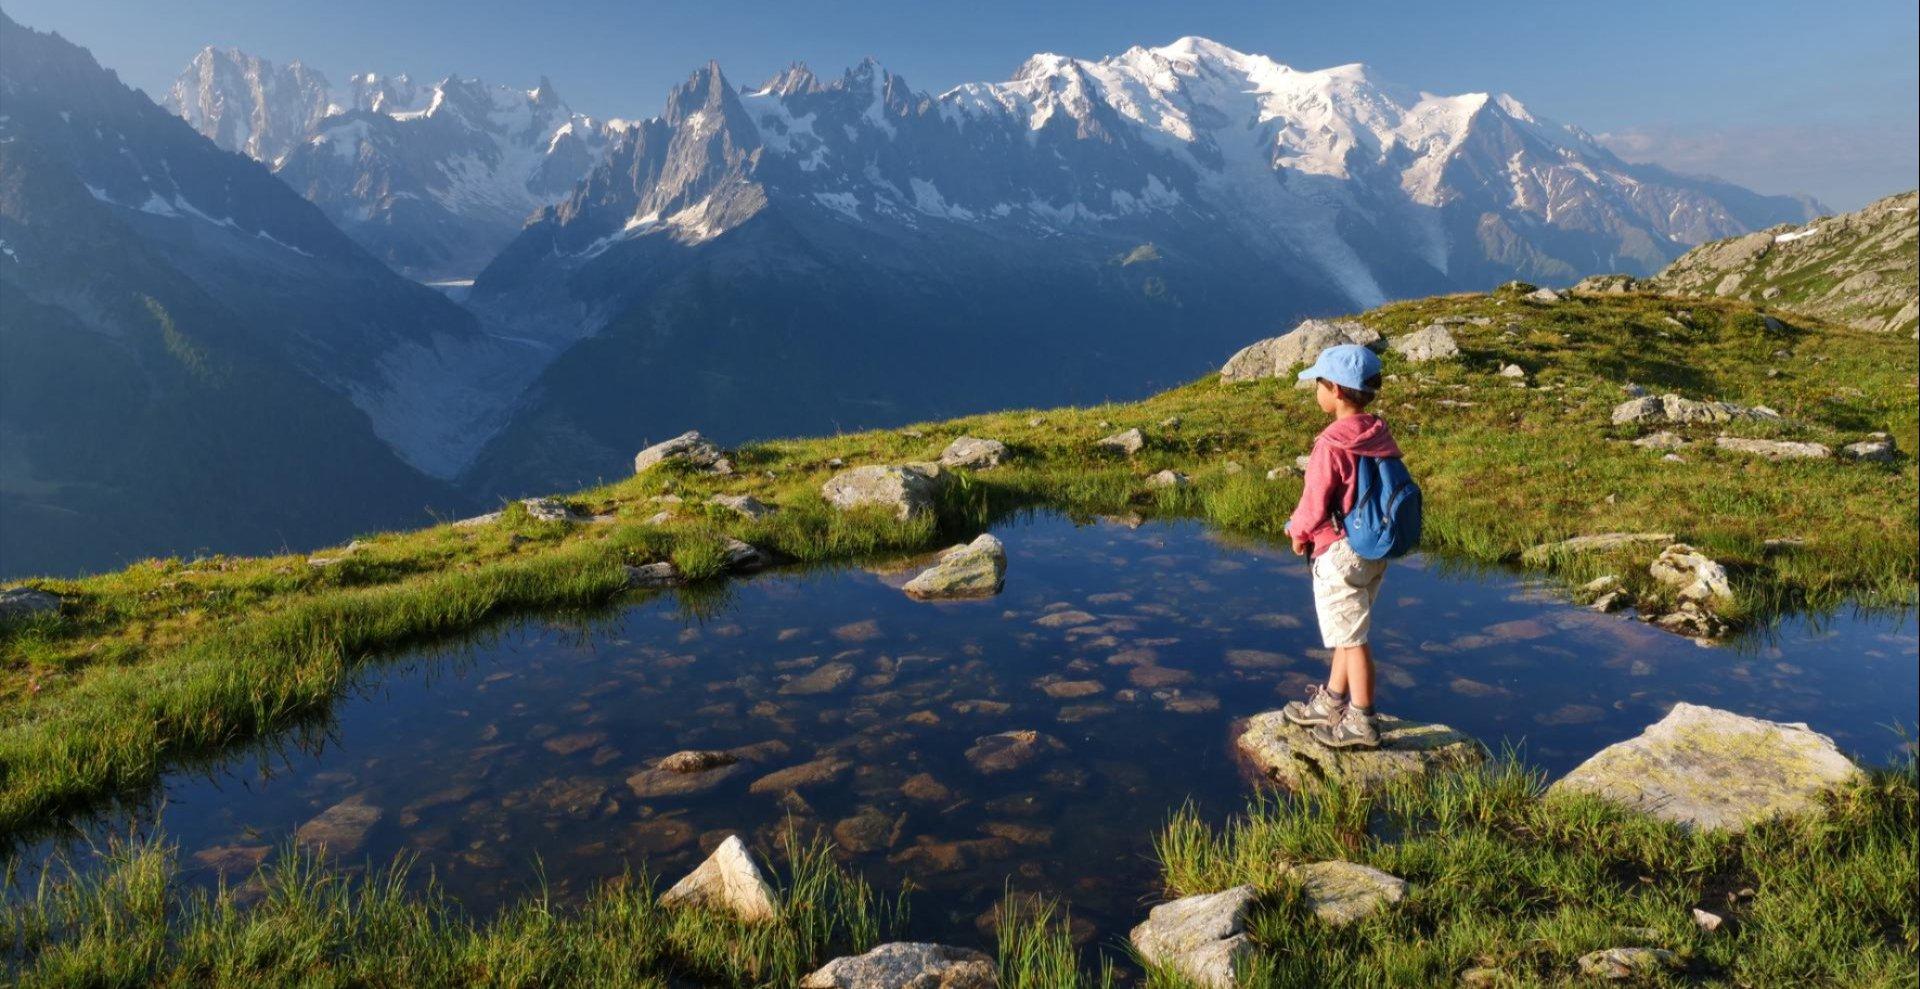 Montagne : la Vallée de Chamonix offre 35 activités aux vacanciers résident sur place ! A0ef9ed0-d4b4-41b1-bf57-5f23f5a9acaa